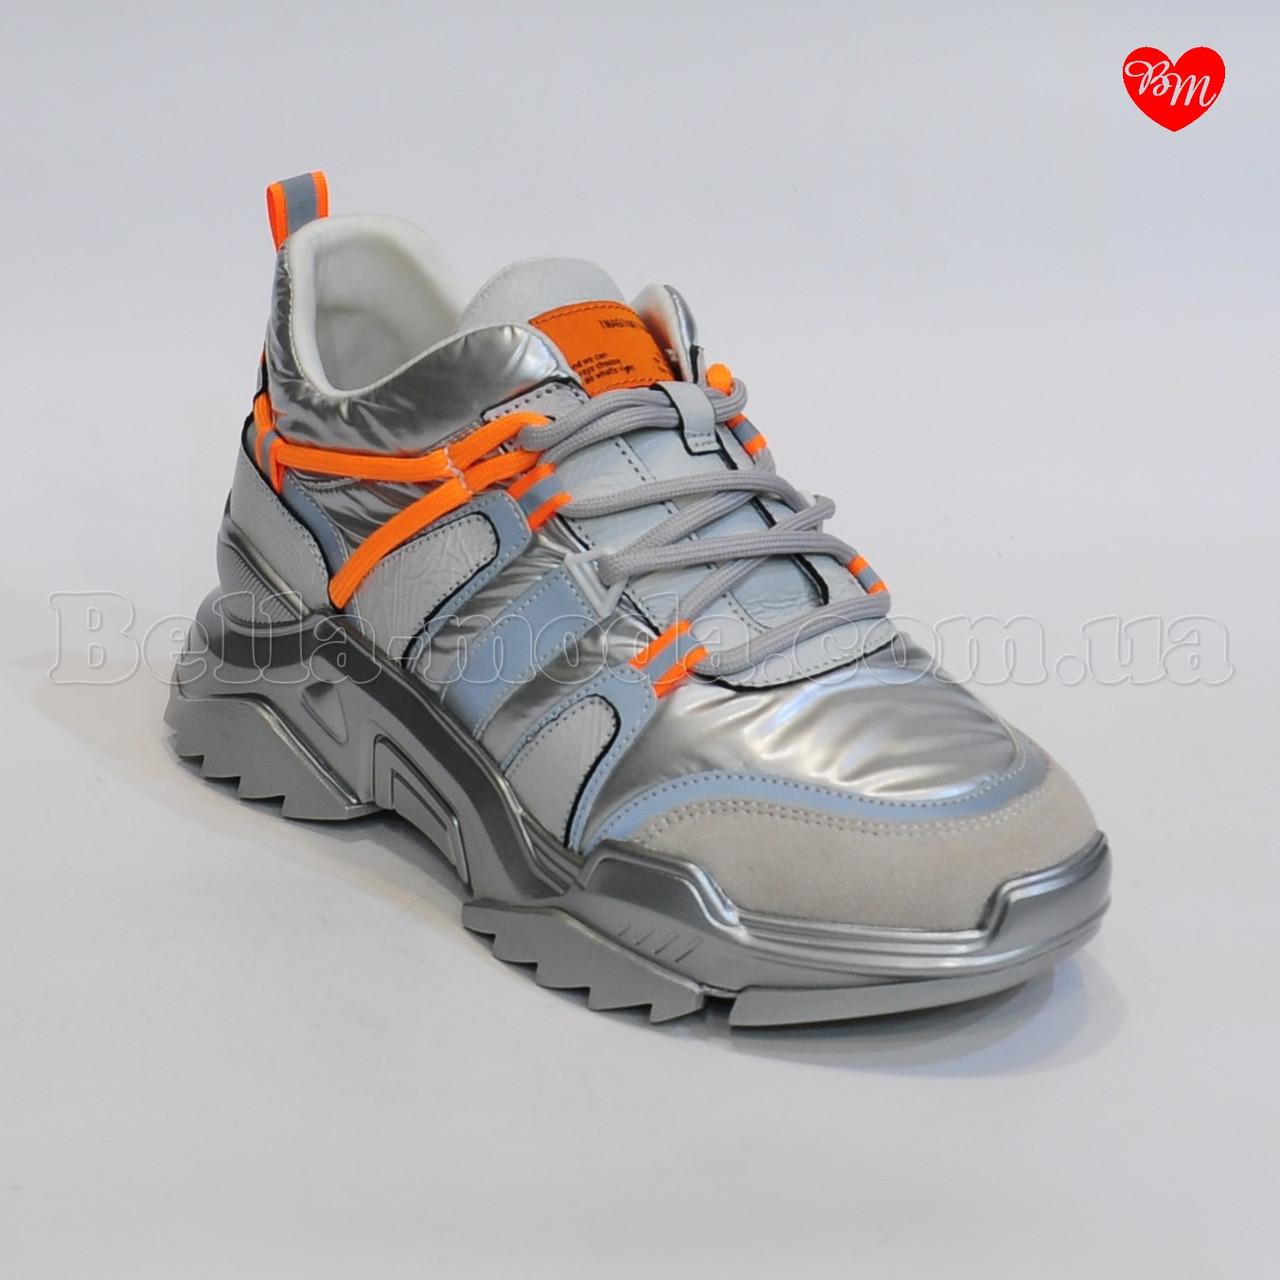 Женские кроссовки оранжевый шнурок